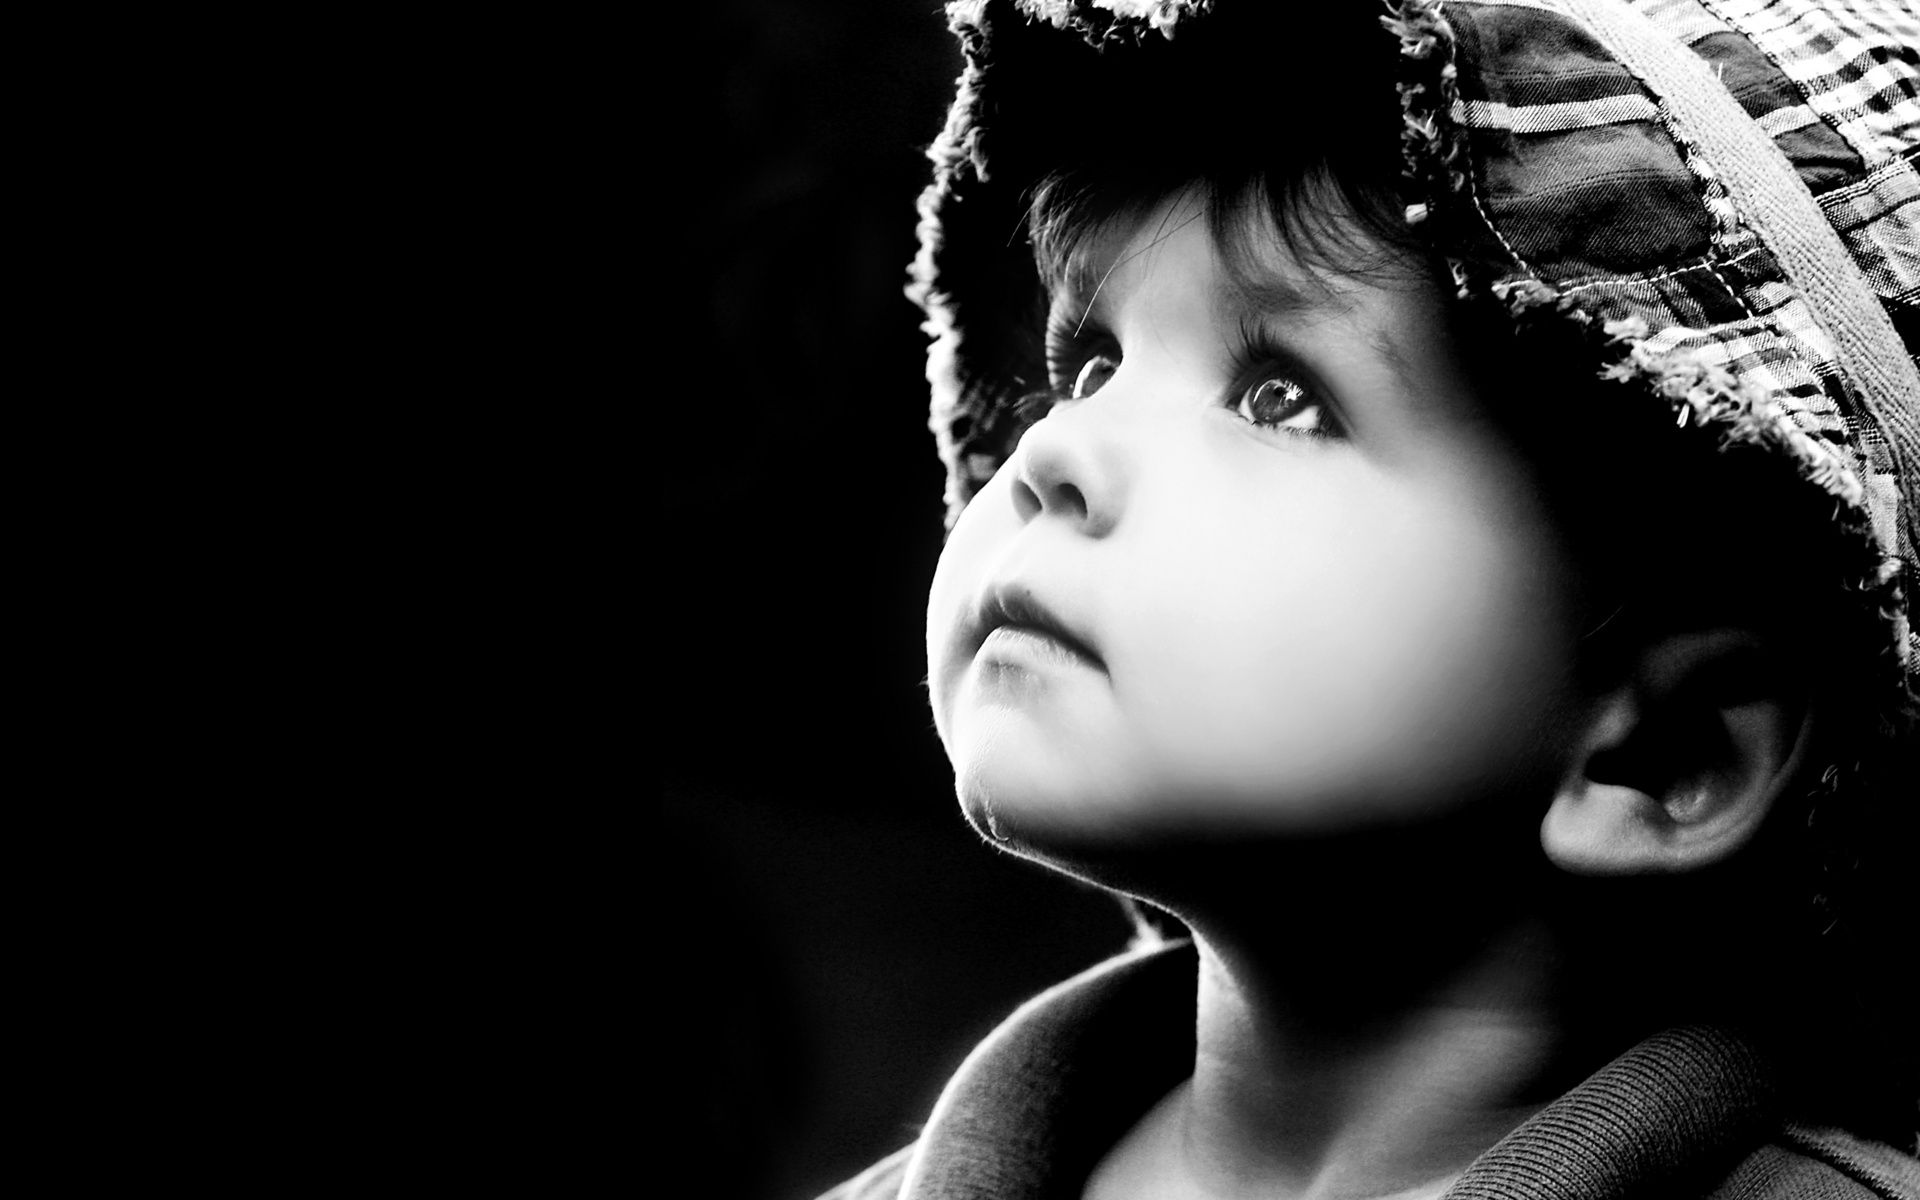 Pics photos pictures dans fond ecran noir et blanc - Photo noir et blanc enfant ...